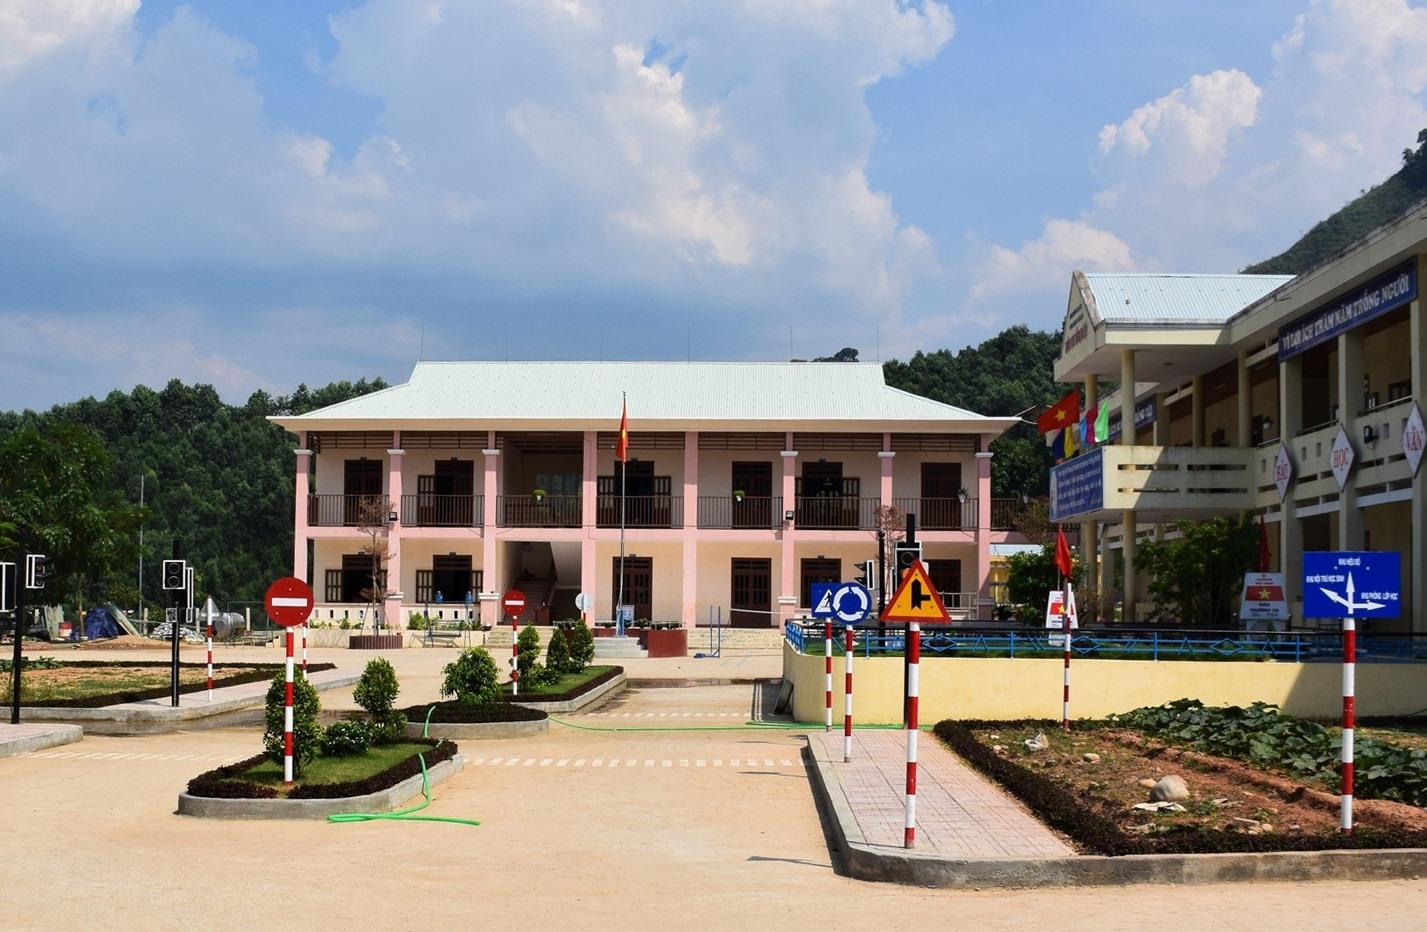 Mô hình giao thông trong sân Trường PTDTBT Tiểu học Trà Tập. Ảnh: THANH THẮNG